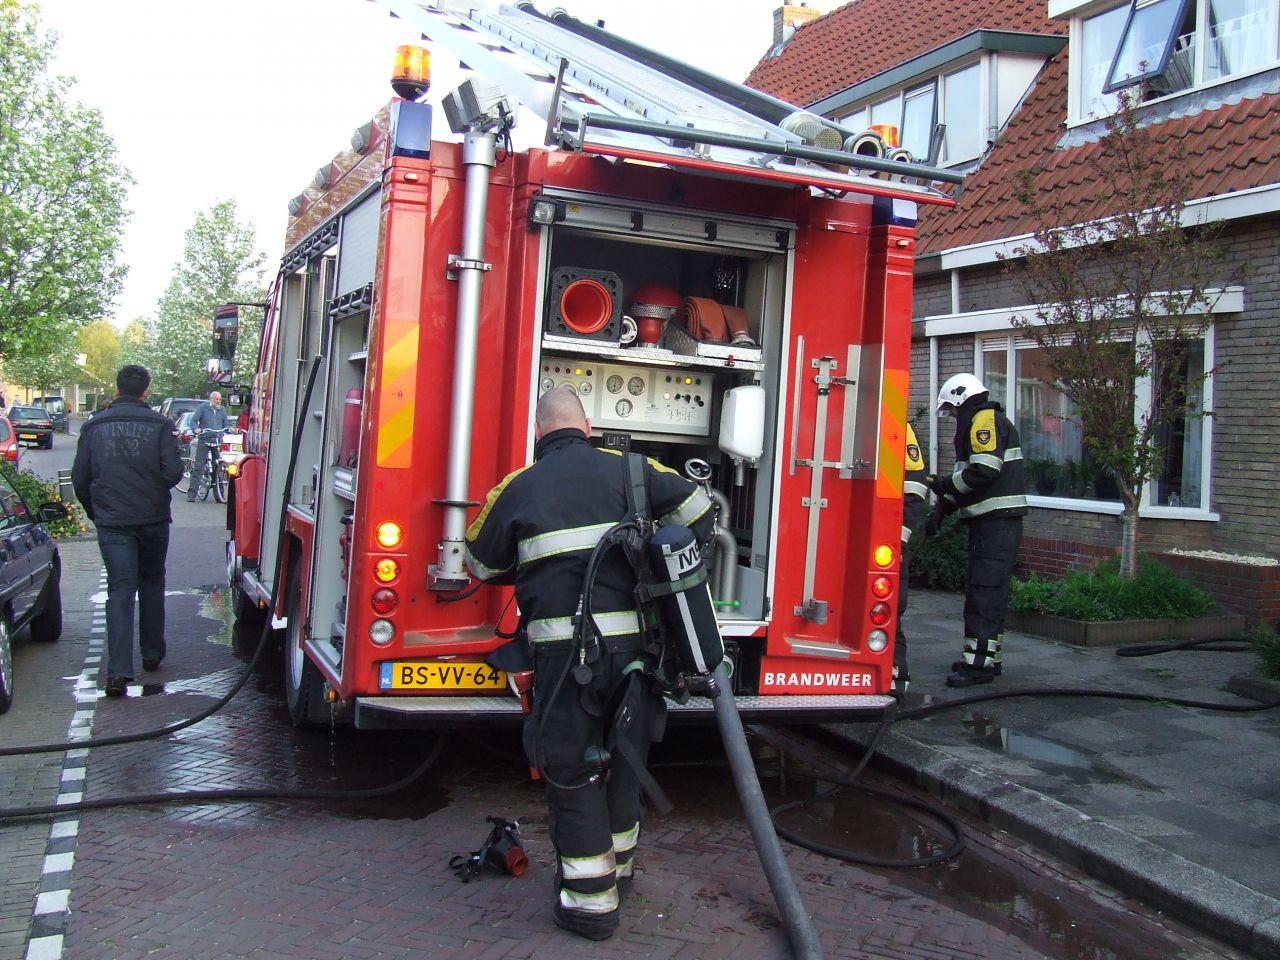 Frituurpan zorgt voor brand in woning